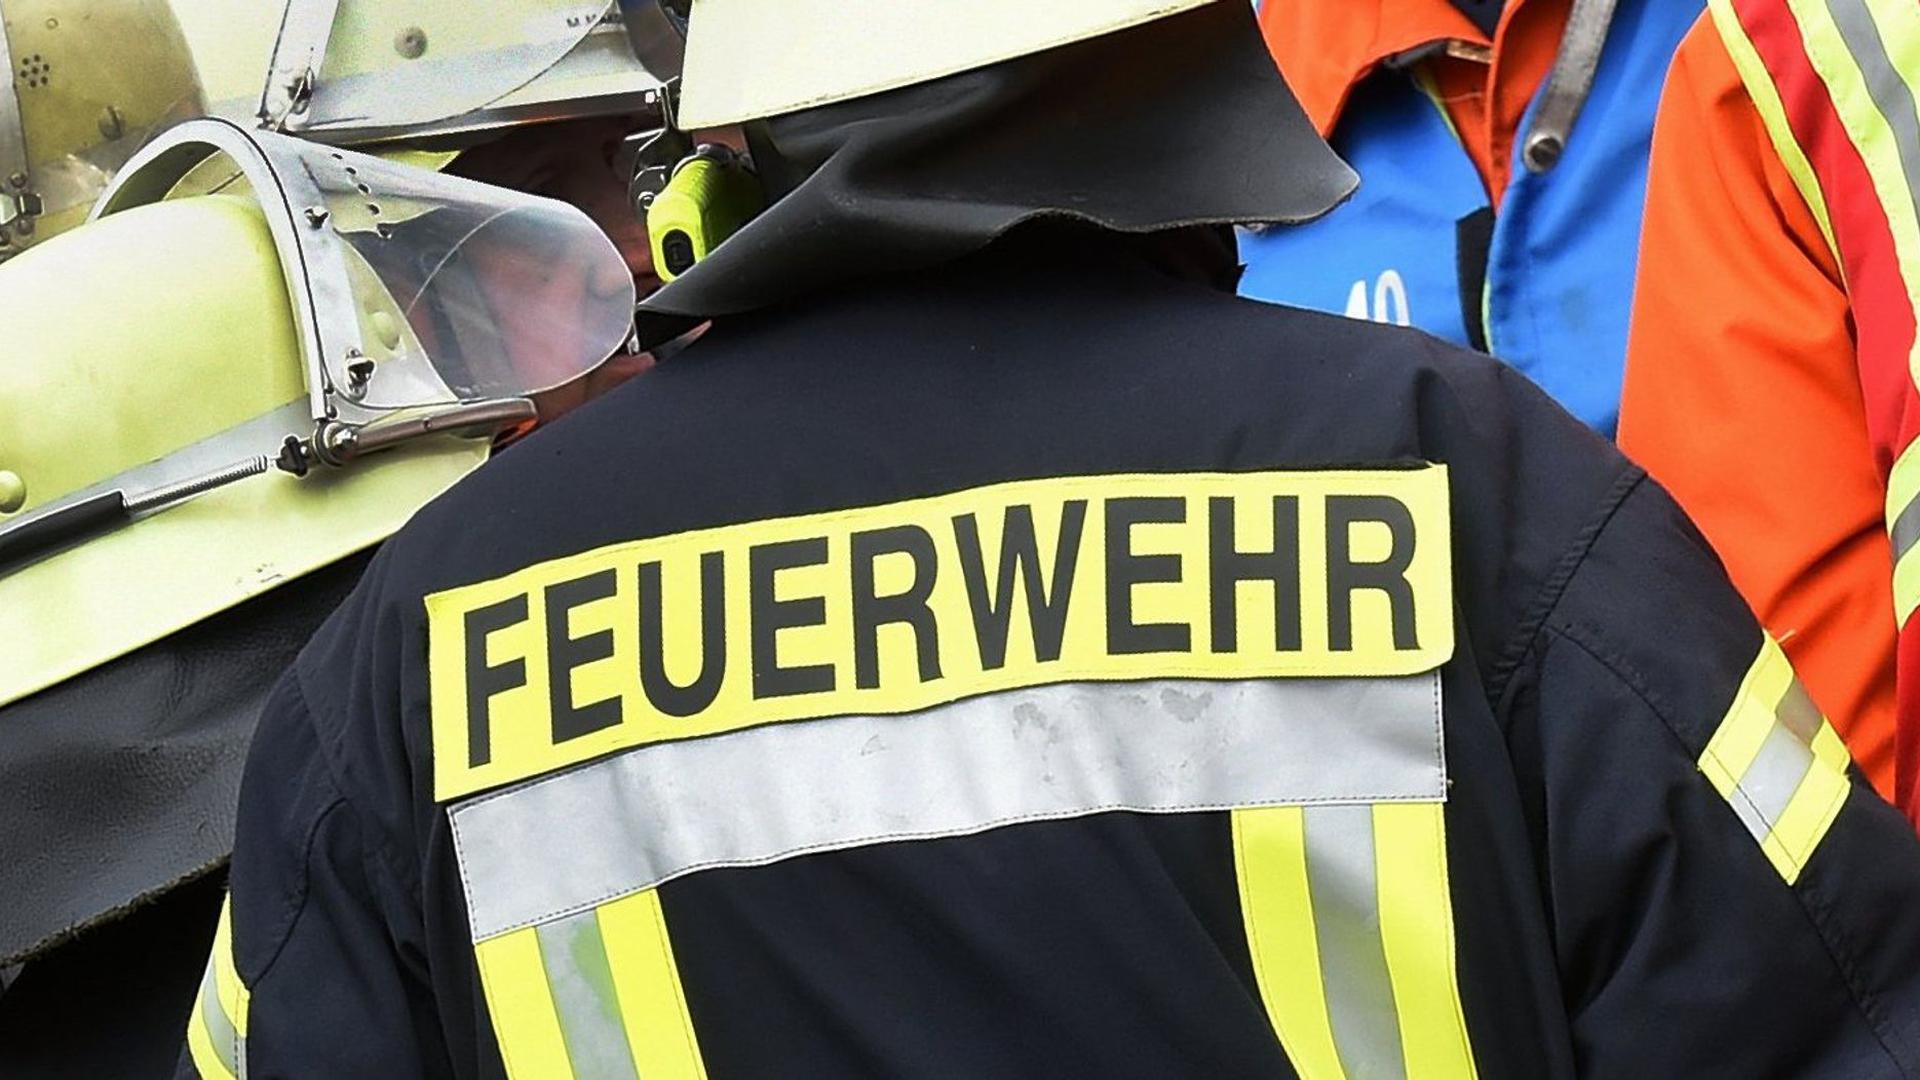 Der Schriftzug Feuerwehr steht an der Jacke eines Feuerwehrmannes.